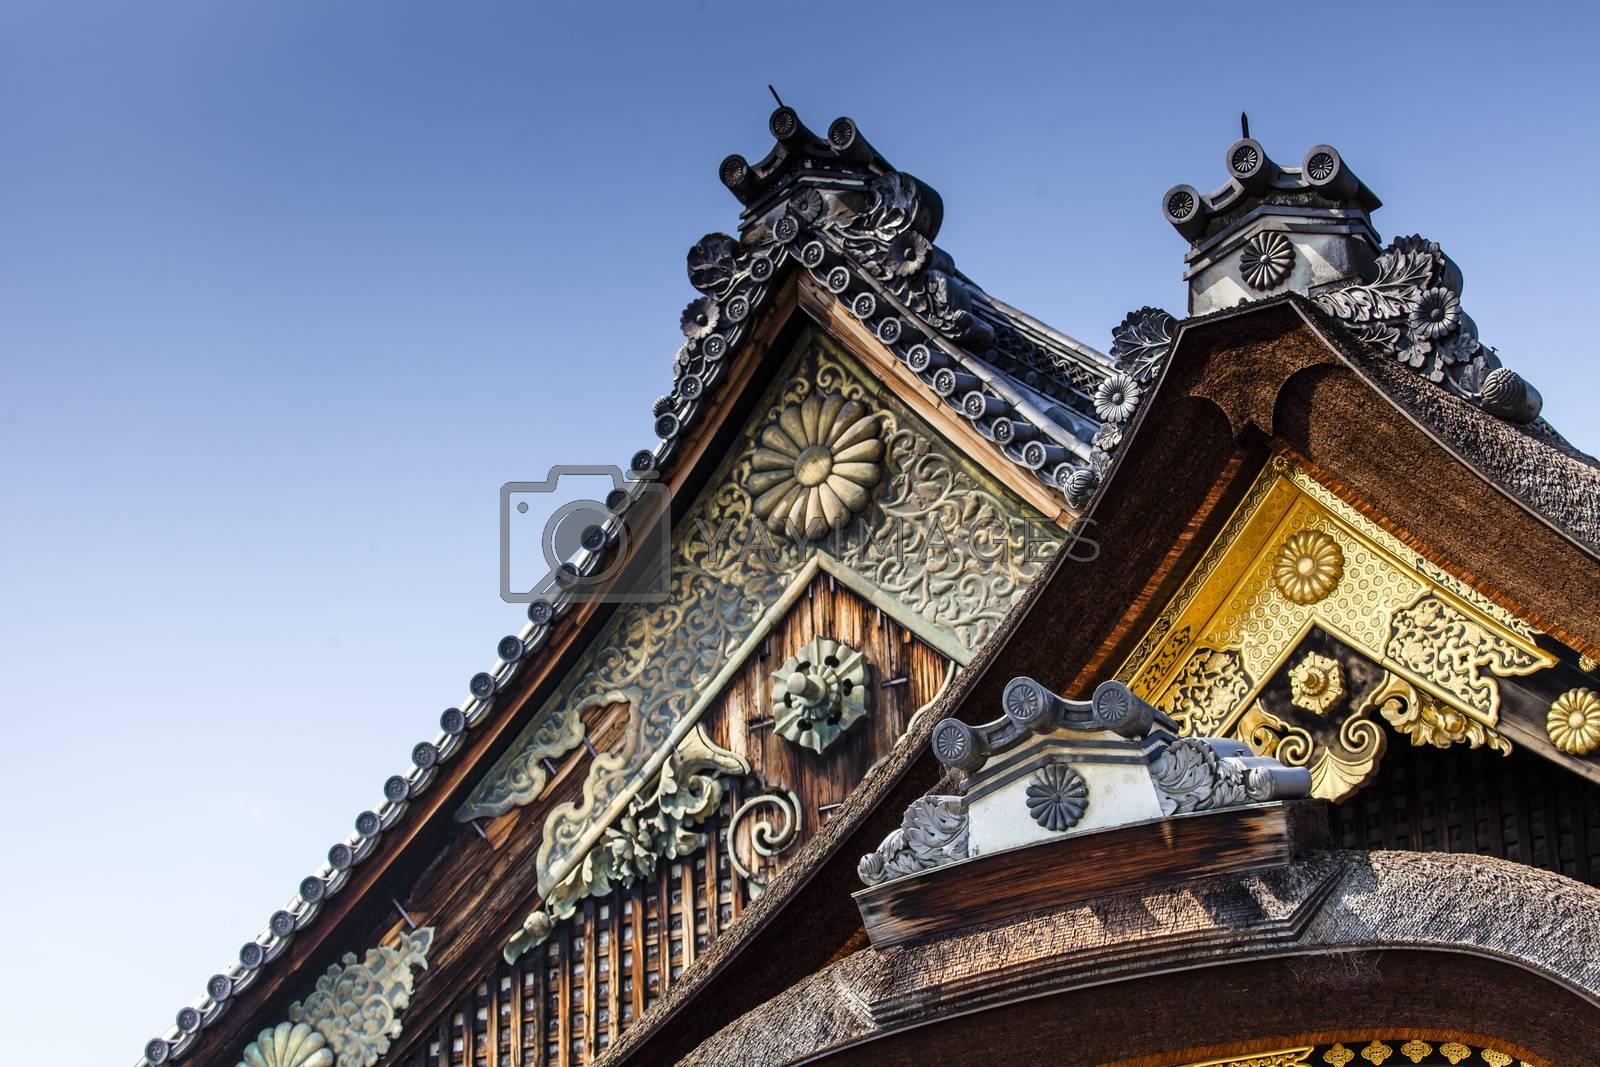 The Nijo-jo Castle in Kyoto, Japan.